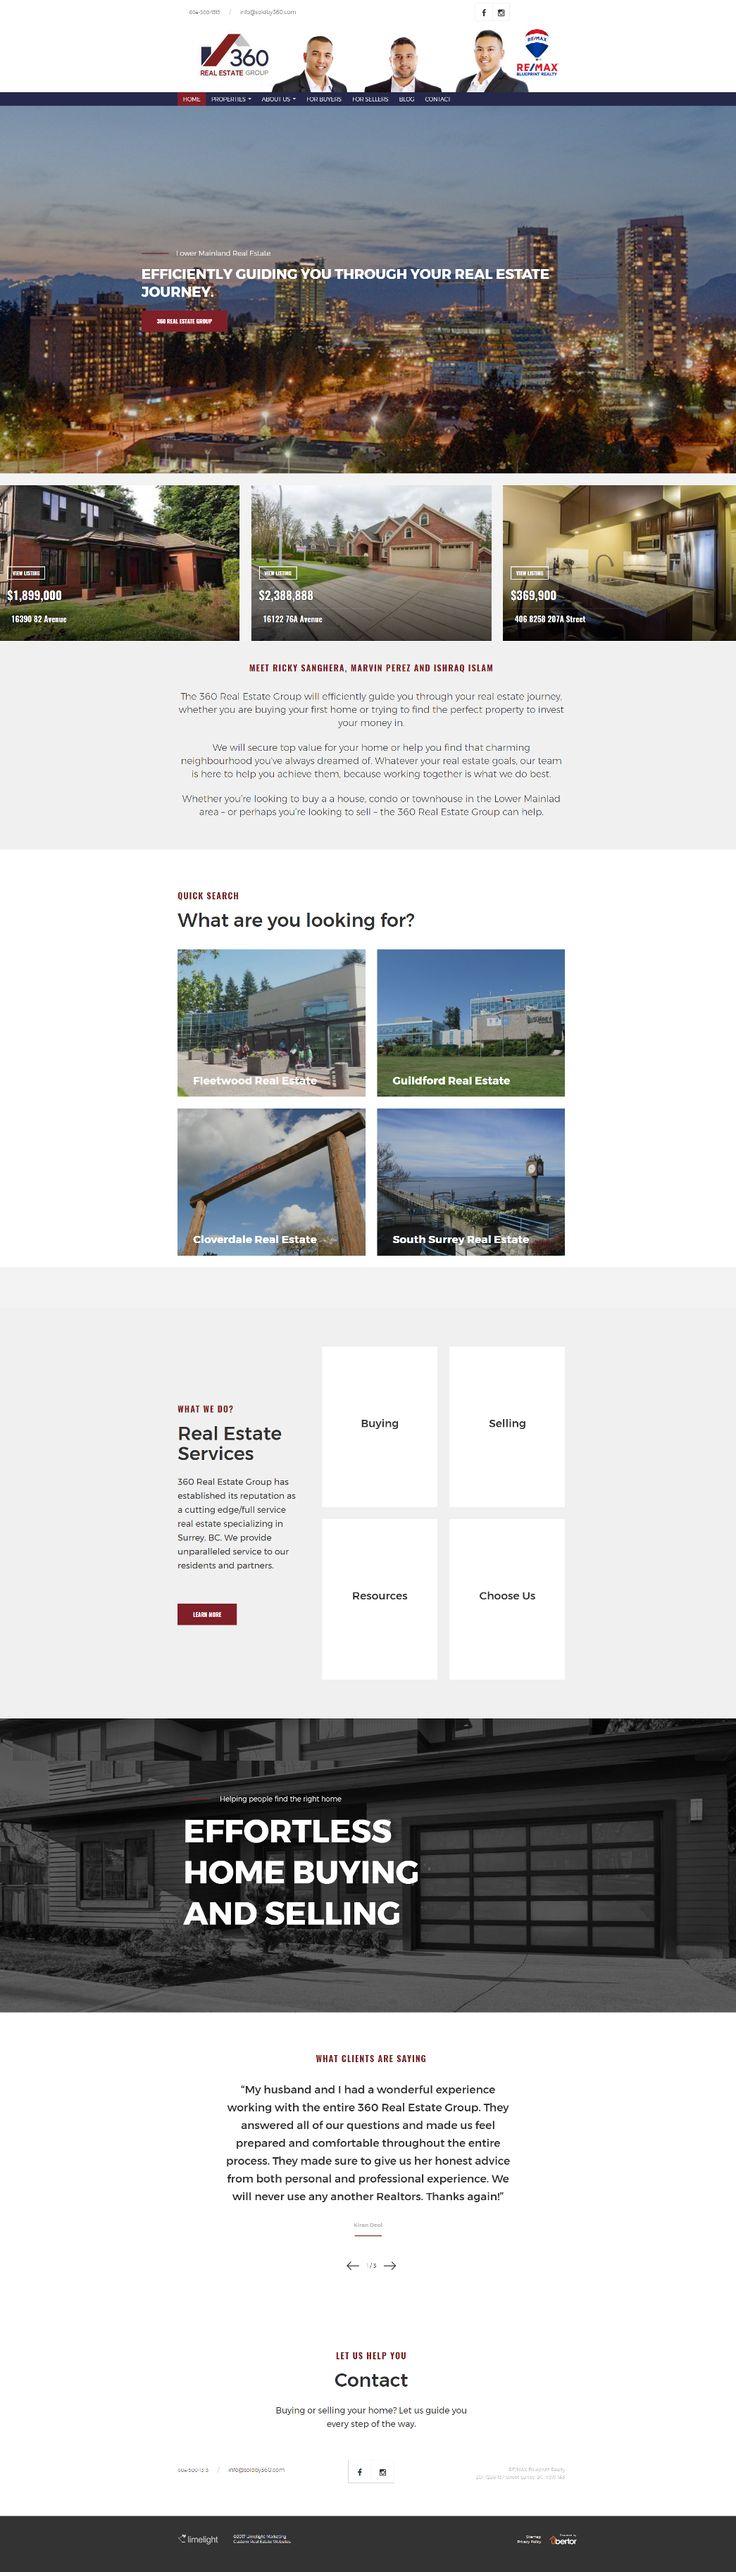 319 best Website Designs images on Pinterest | Website designs ...